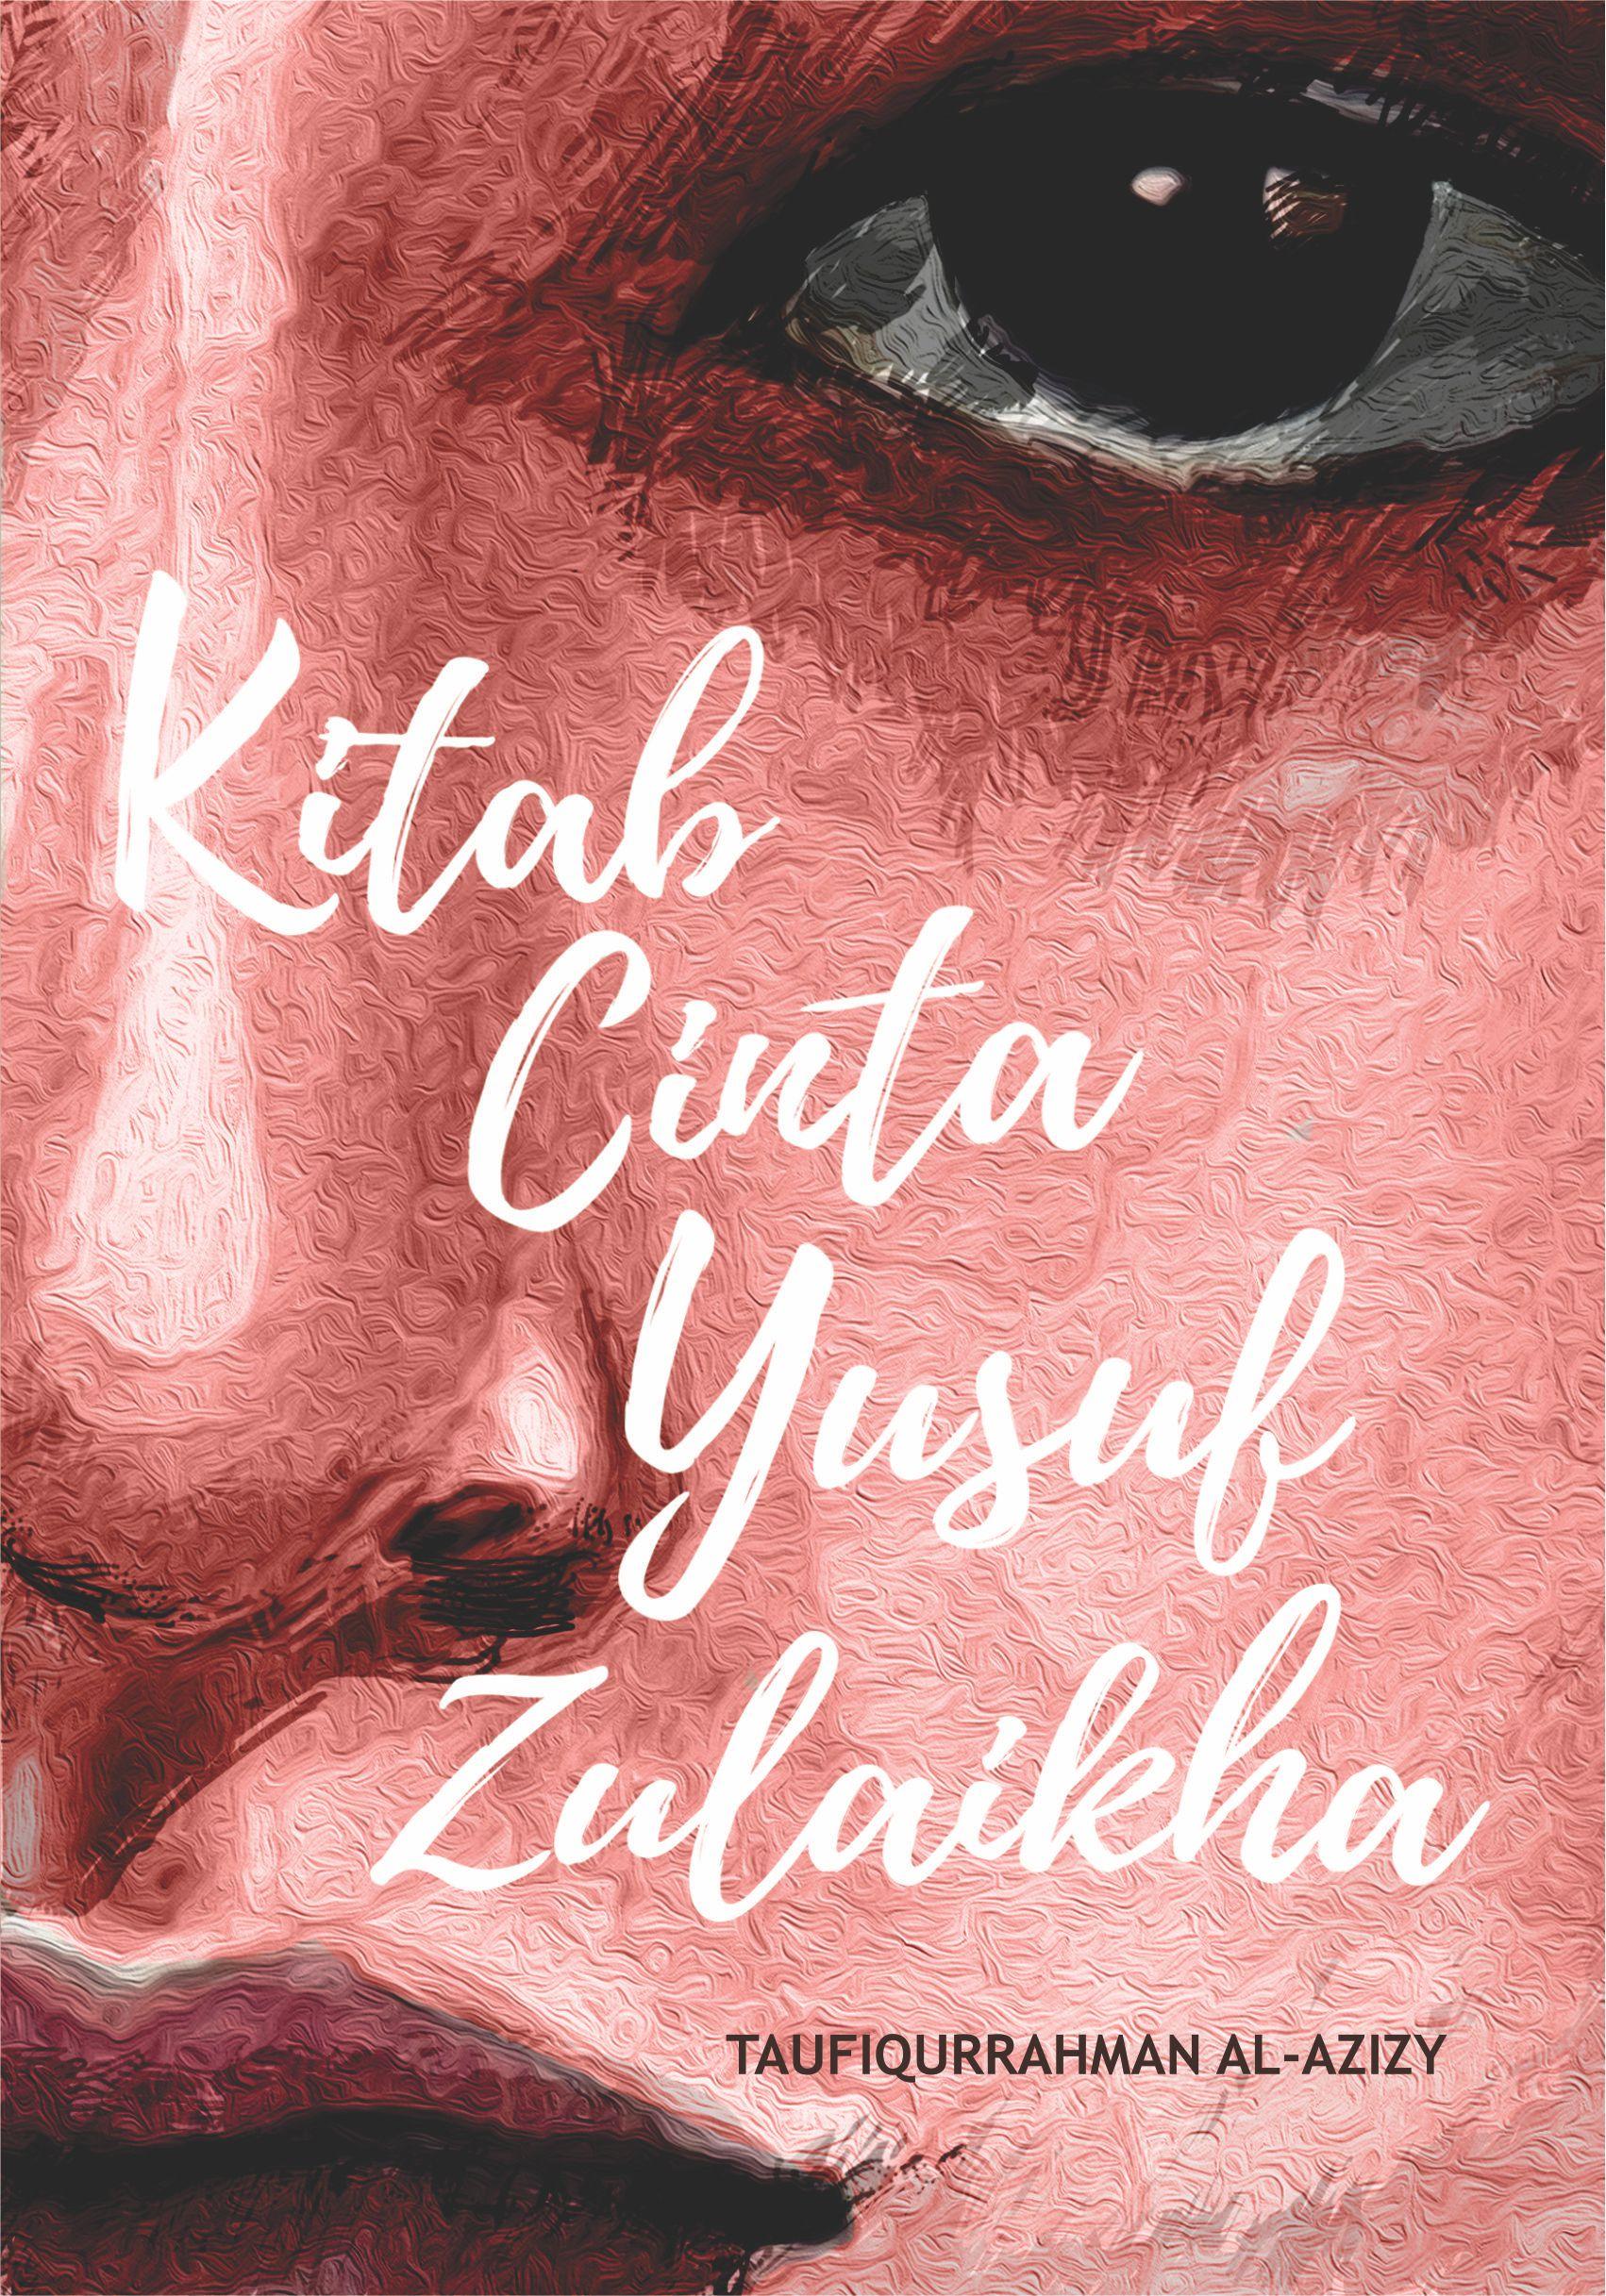 Kitab cinta yusuf Zulaikha [sumber elektronis]